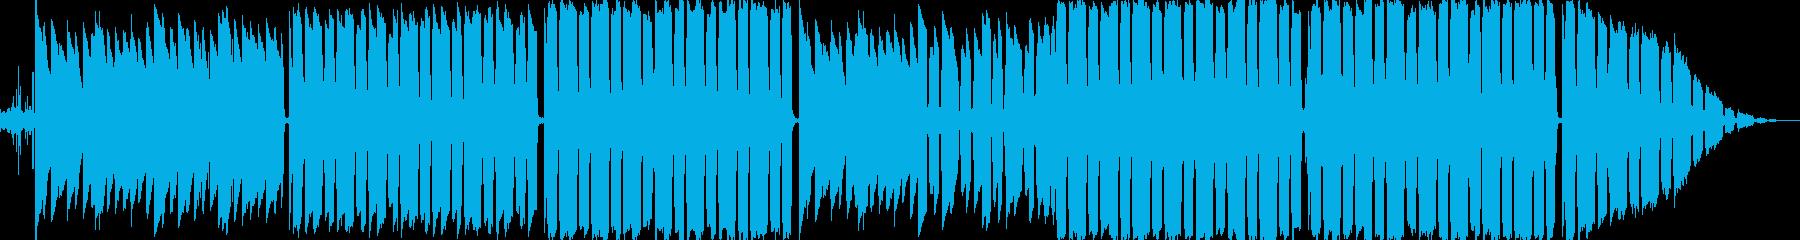 花火のLo-Fi Hiphopの再生済みの波形